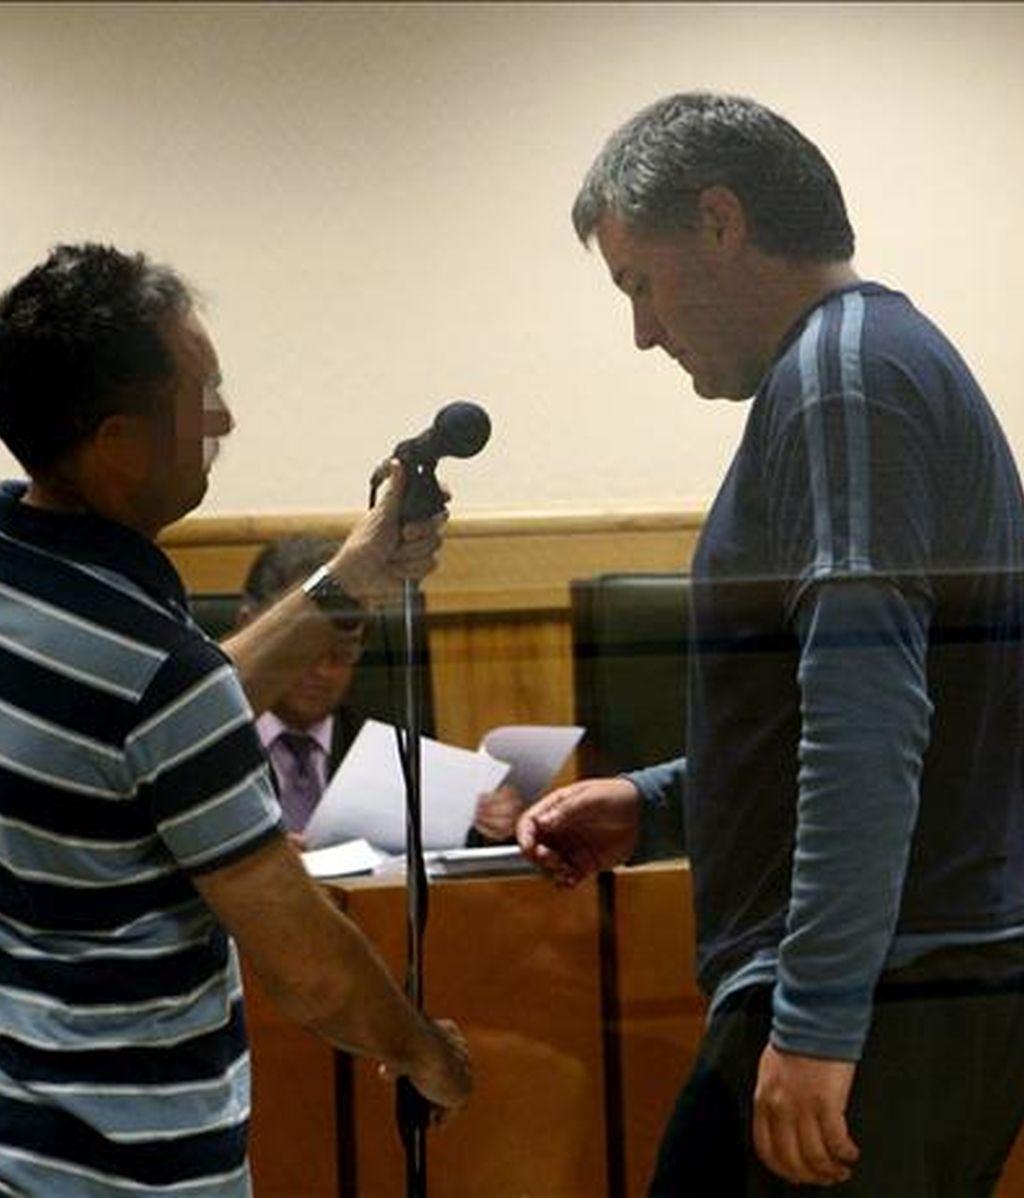 El miembro de ETA Gorka Martínez Arkarazo (d), durante el juicio celebrado hoy en la Audiencia Nacional en el que se le acusa por el el robo de un vehículo utilizado como coche bomba contra la sede de Iberdrola en San Sebastián. EFE